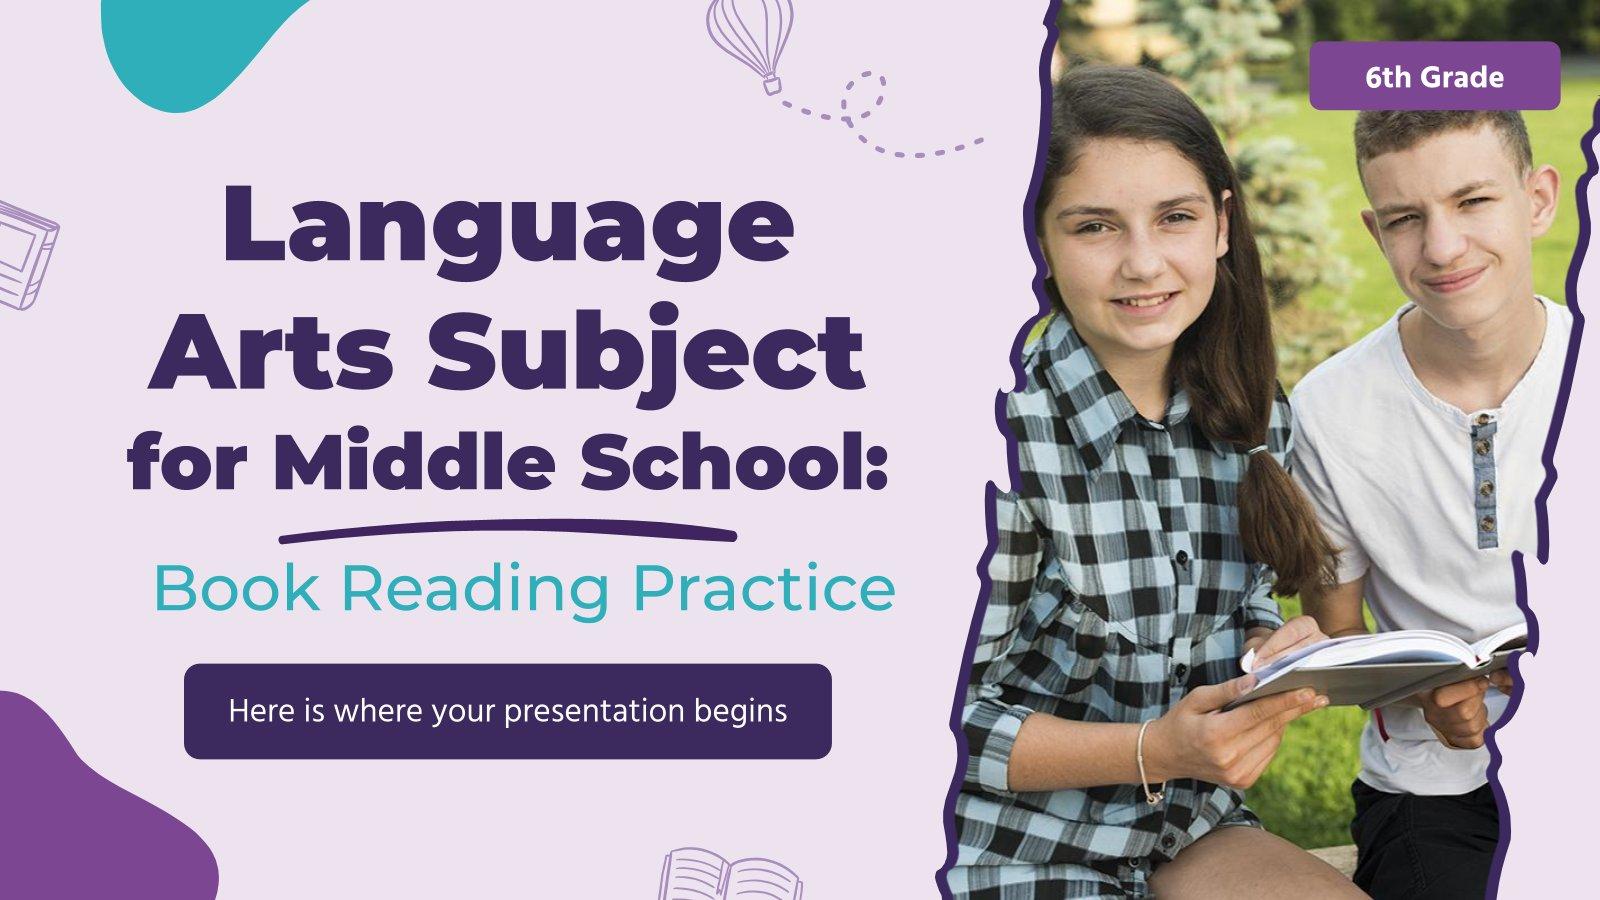 Sprache für die 6. Klasse: Bücher lesen Präsentationsvorlage